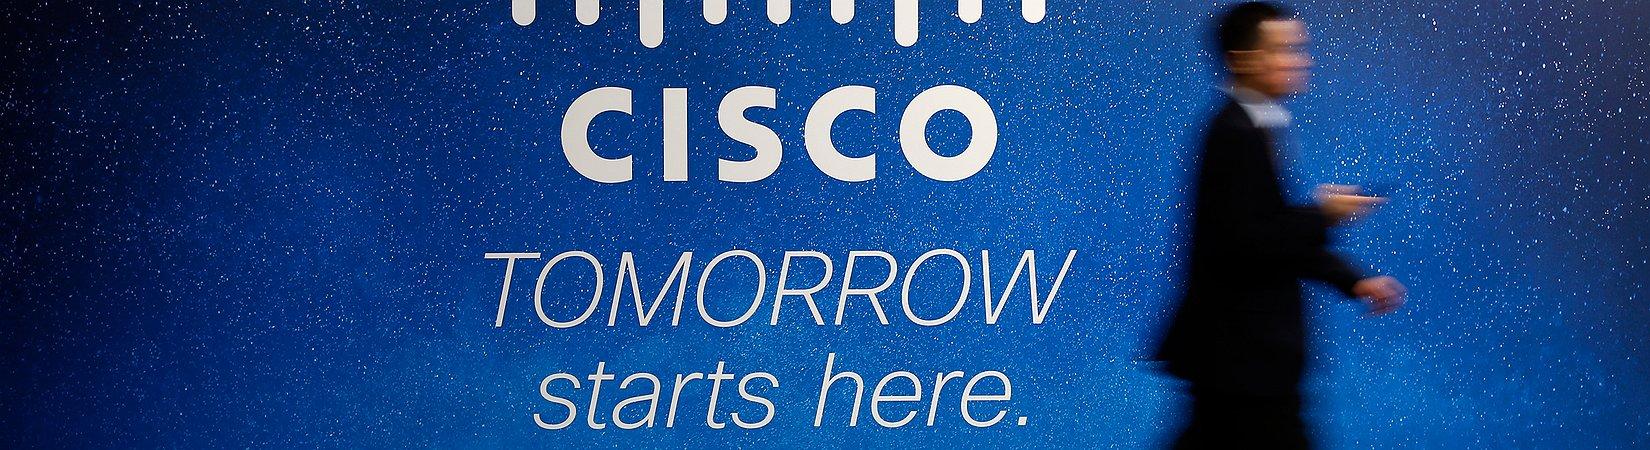 لماذا عليك شراء أسهم Cisco الآن